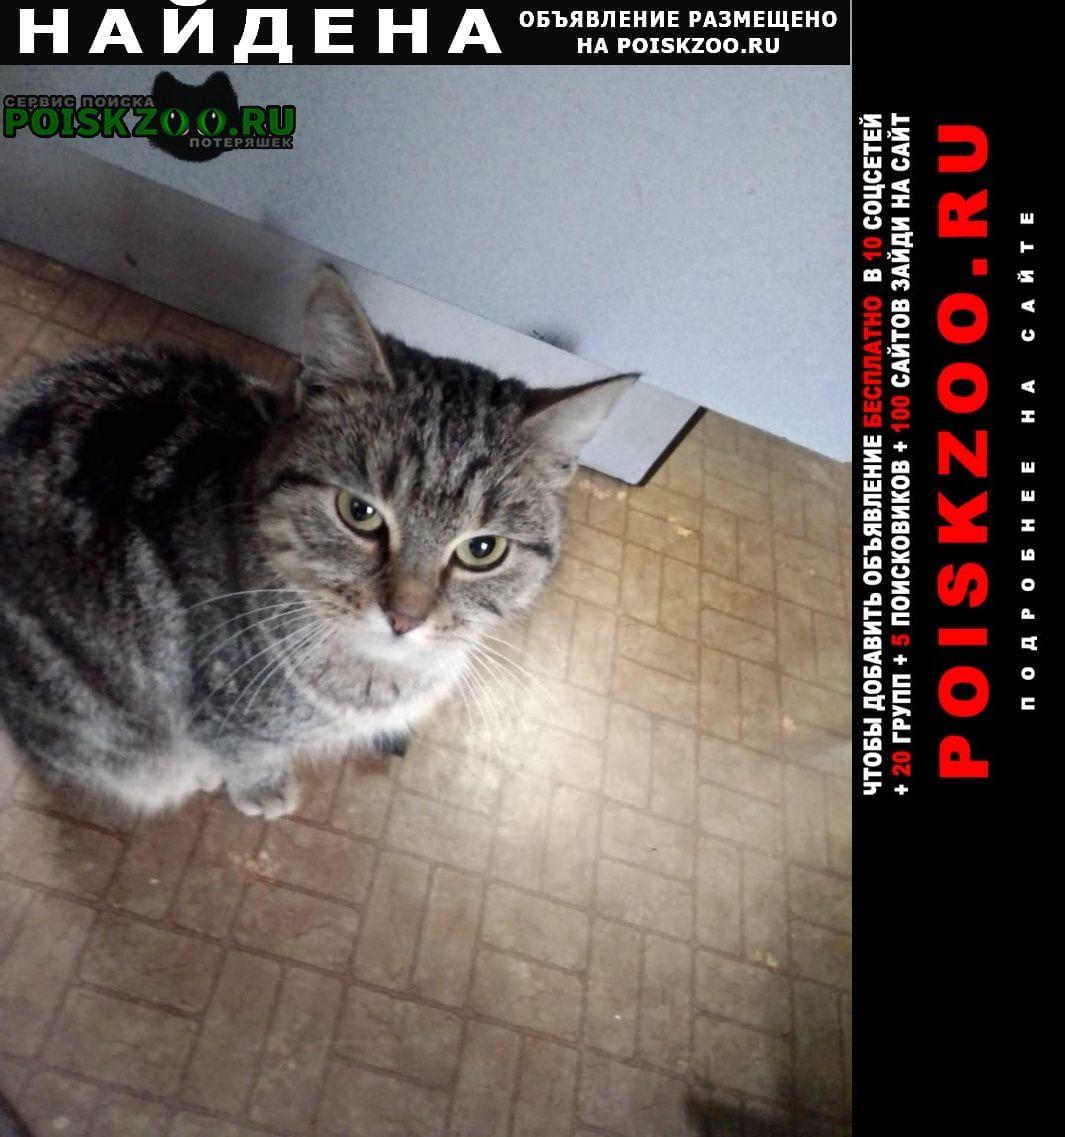 Найдена кошка ручная Ставрополь